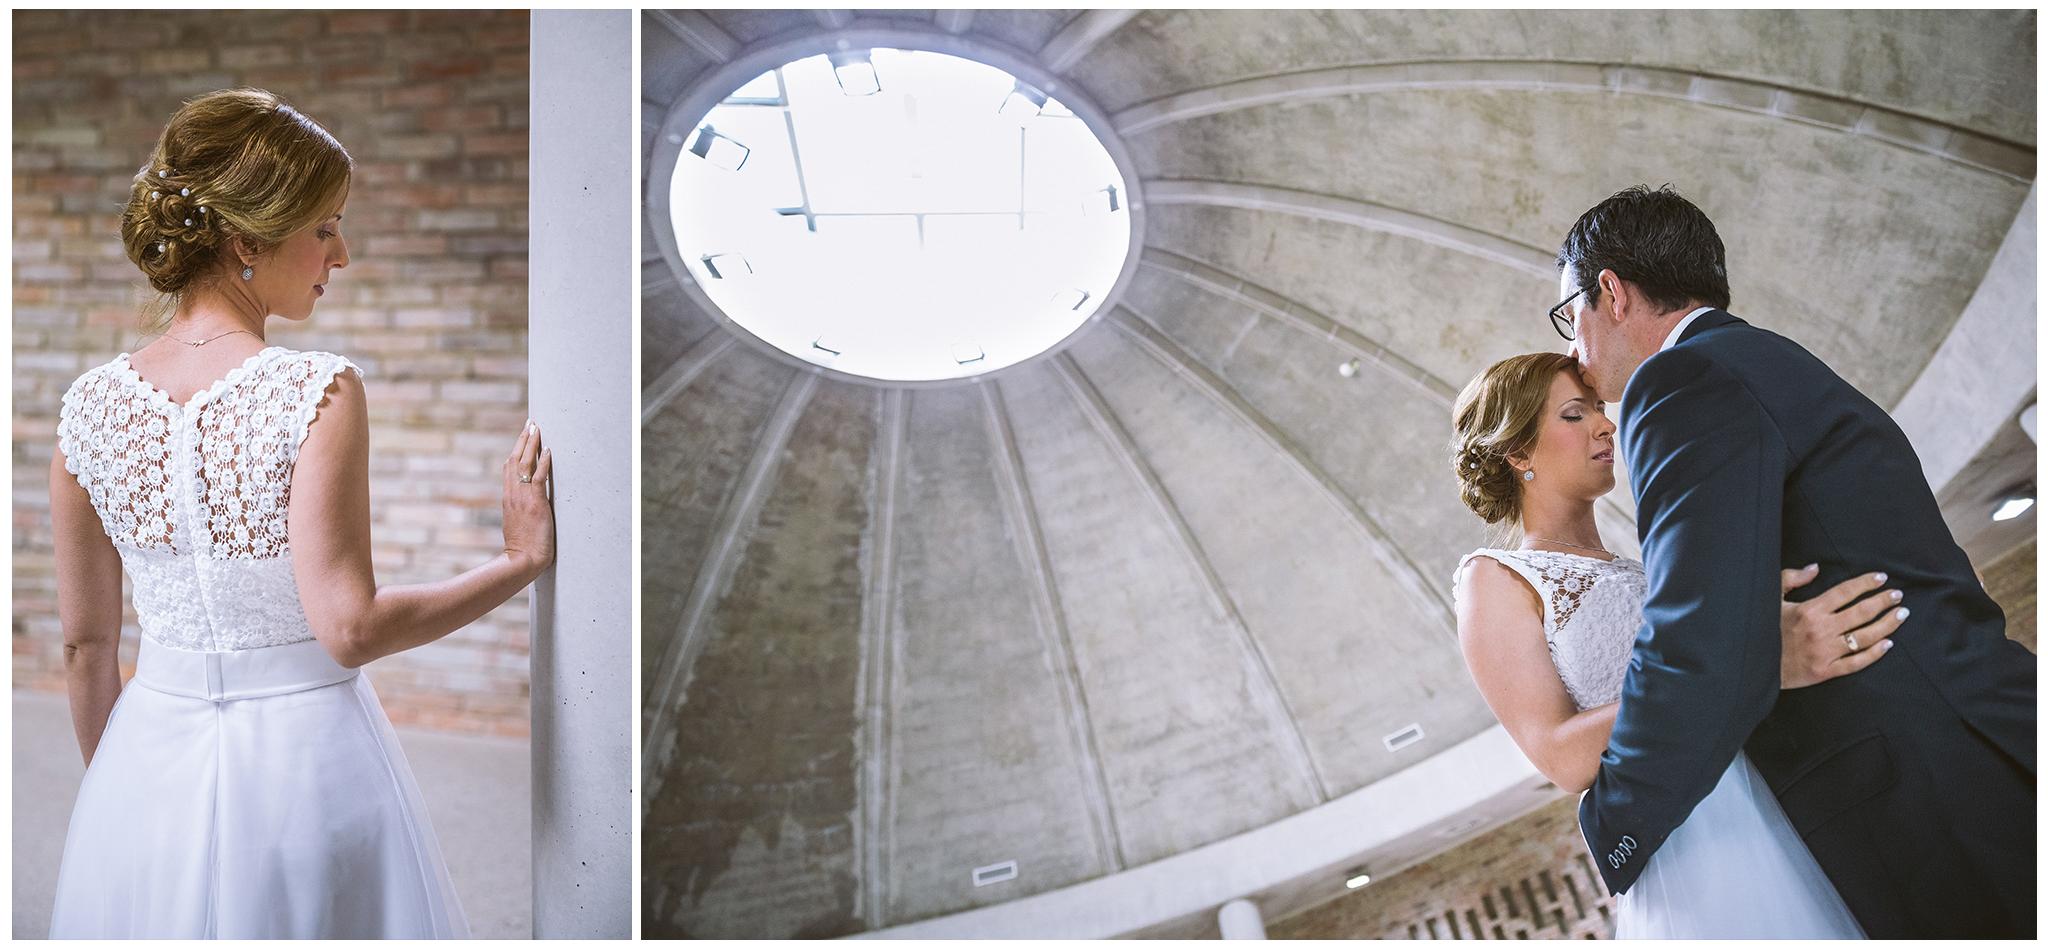 FylepPhoto, esküvőfotós, esküvői fotós Körmend, Szombathely, esküvőfotózás, magyarország, vas megye, prémium, jegyesfotózás, Fülöp Péter, körmend, kreatív, fotográfus_12.jpg